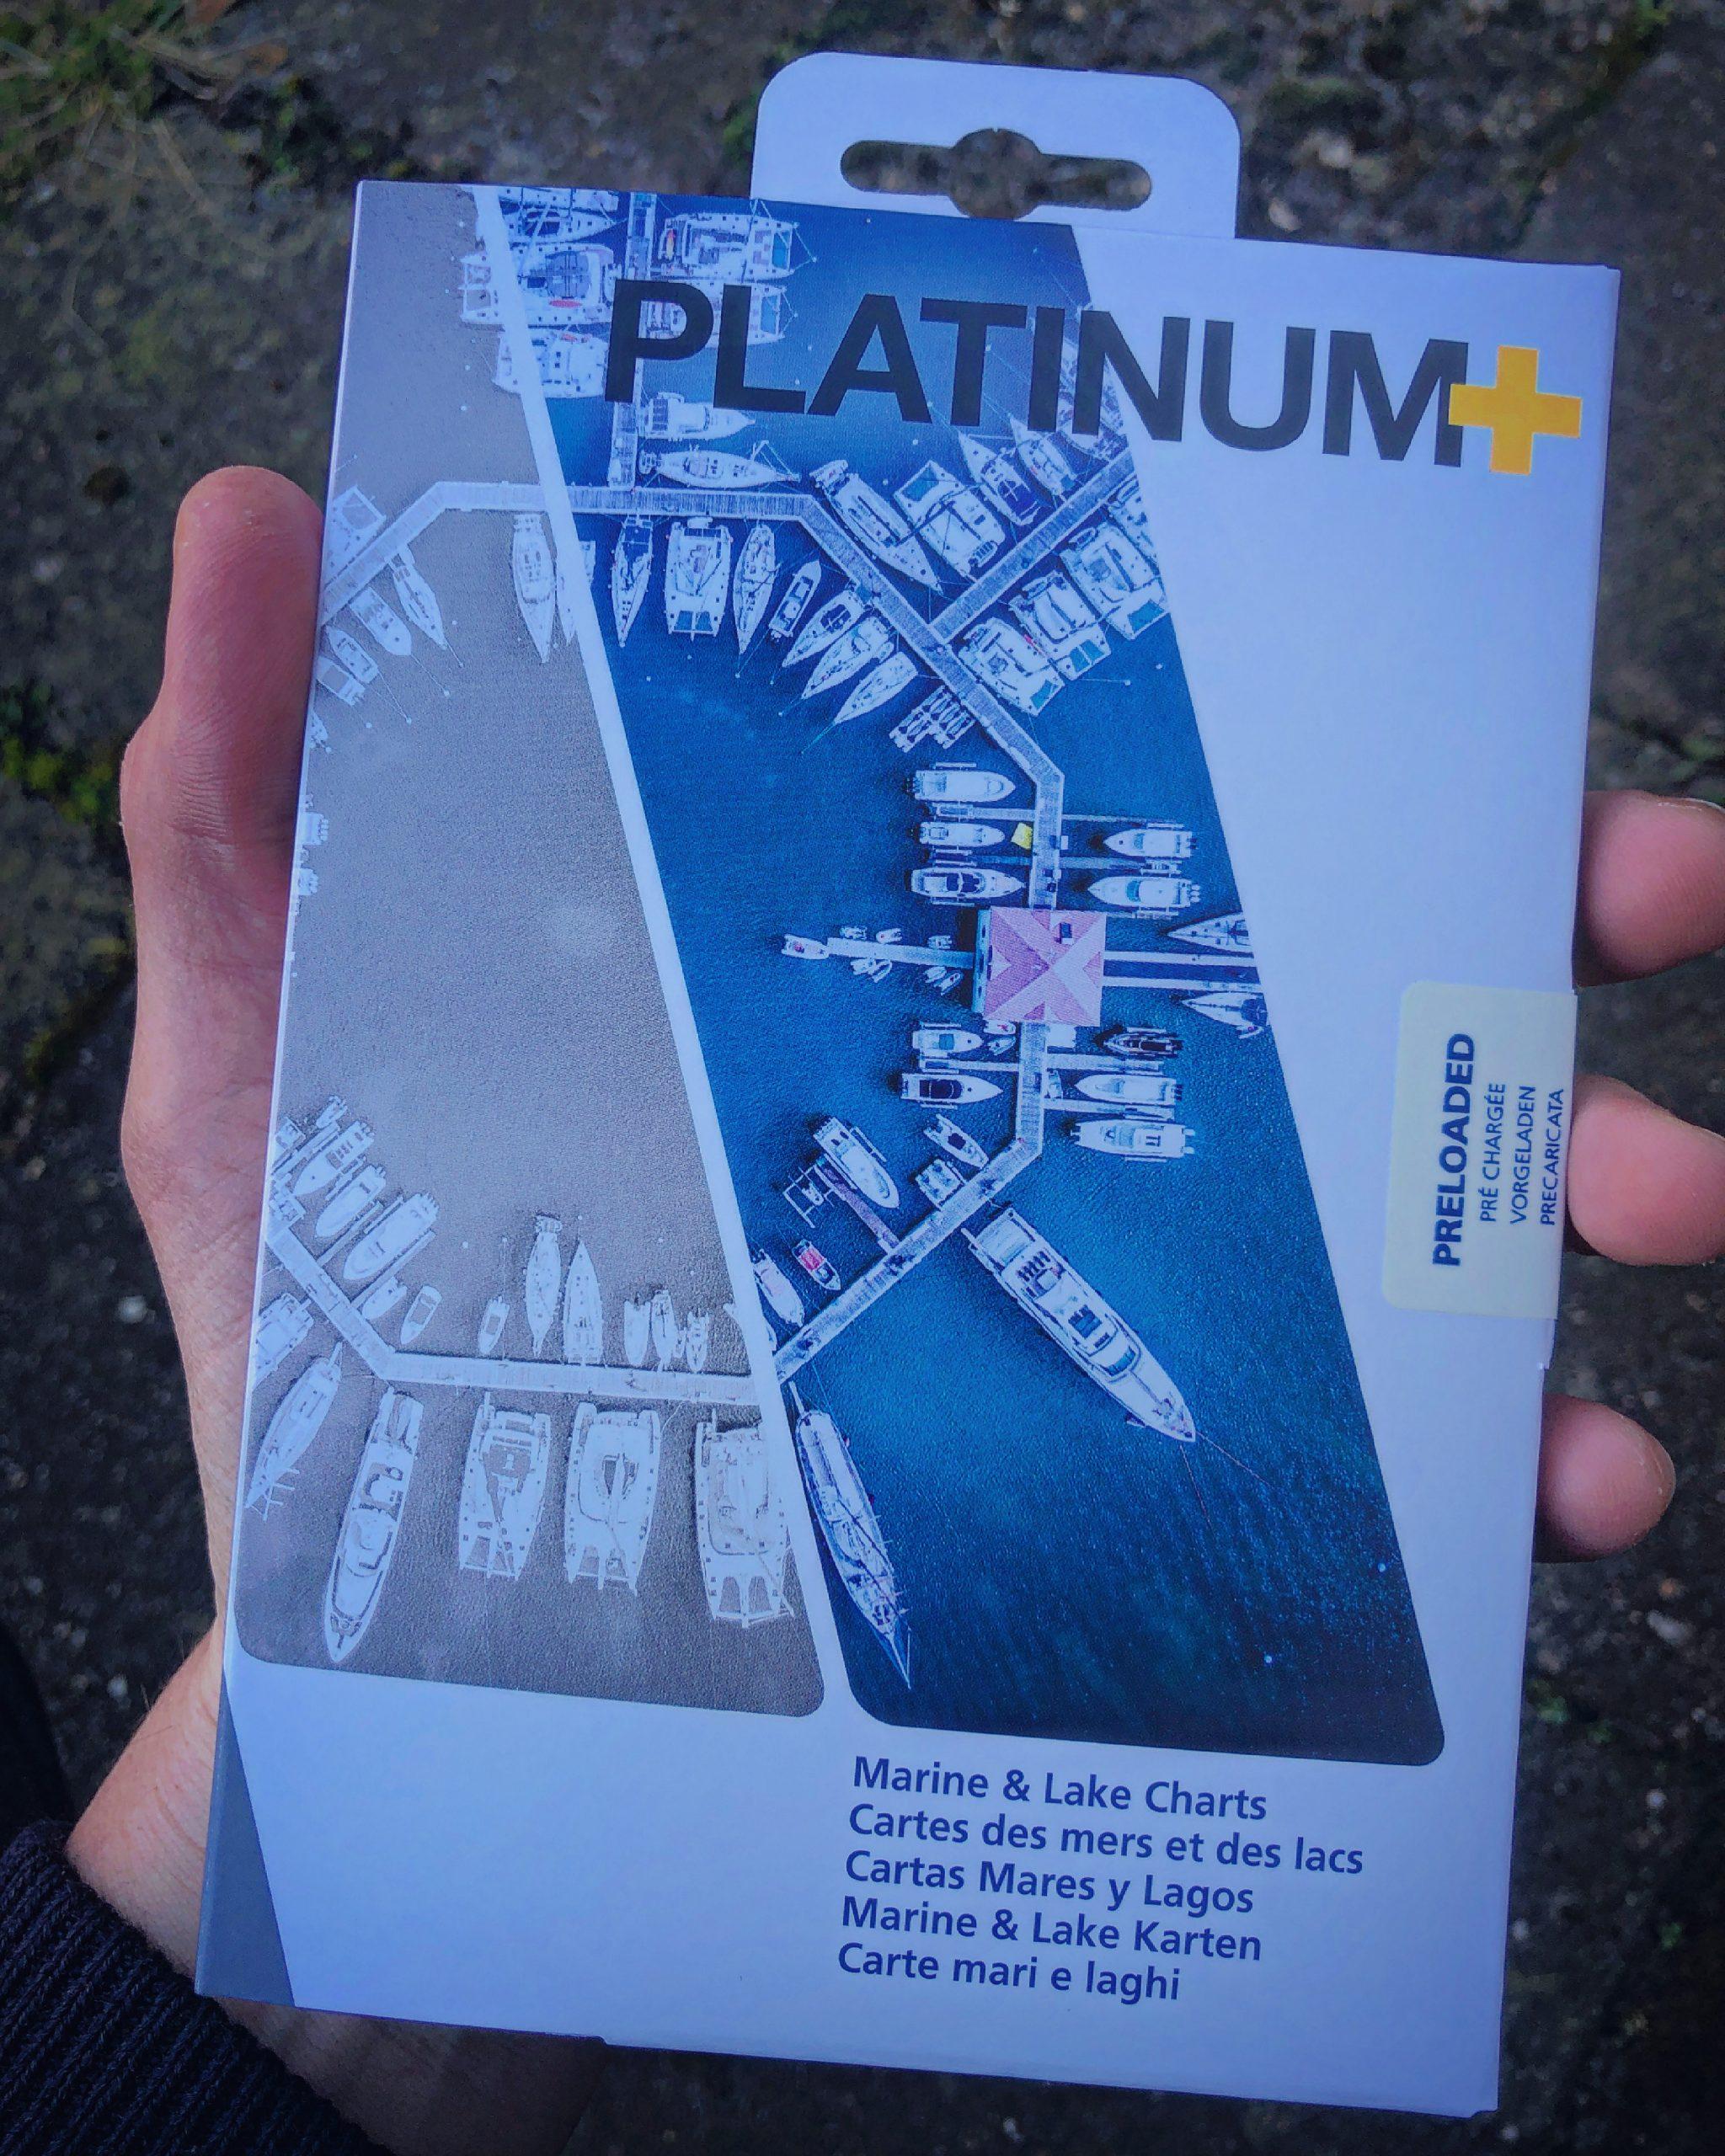 Navionics platinum+ map